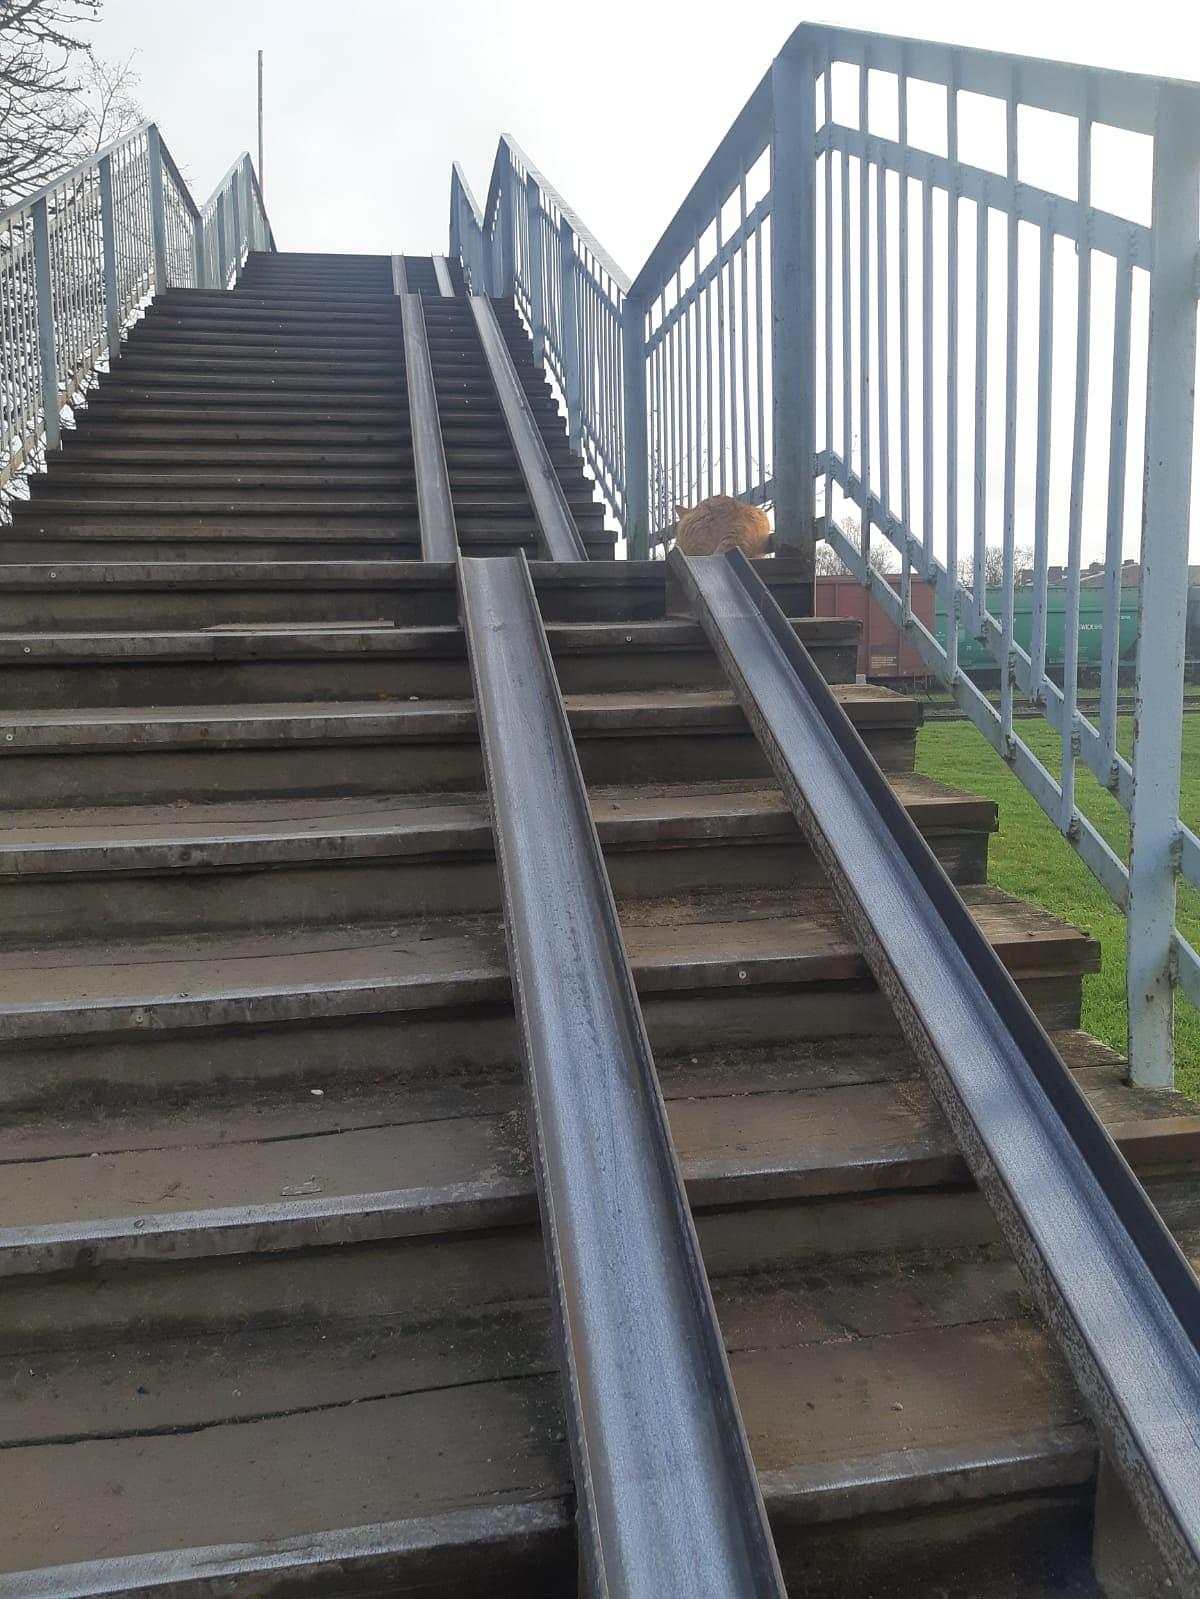 Gājēju tiltu sola uzlabot, bet efektīvs risinājums esot par dārgu